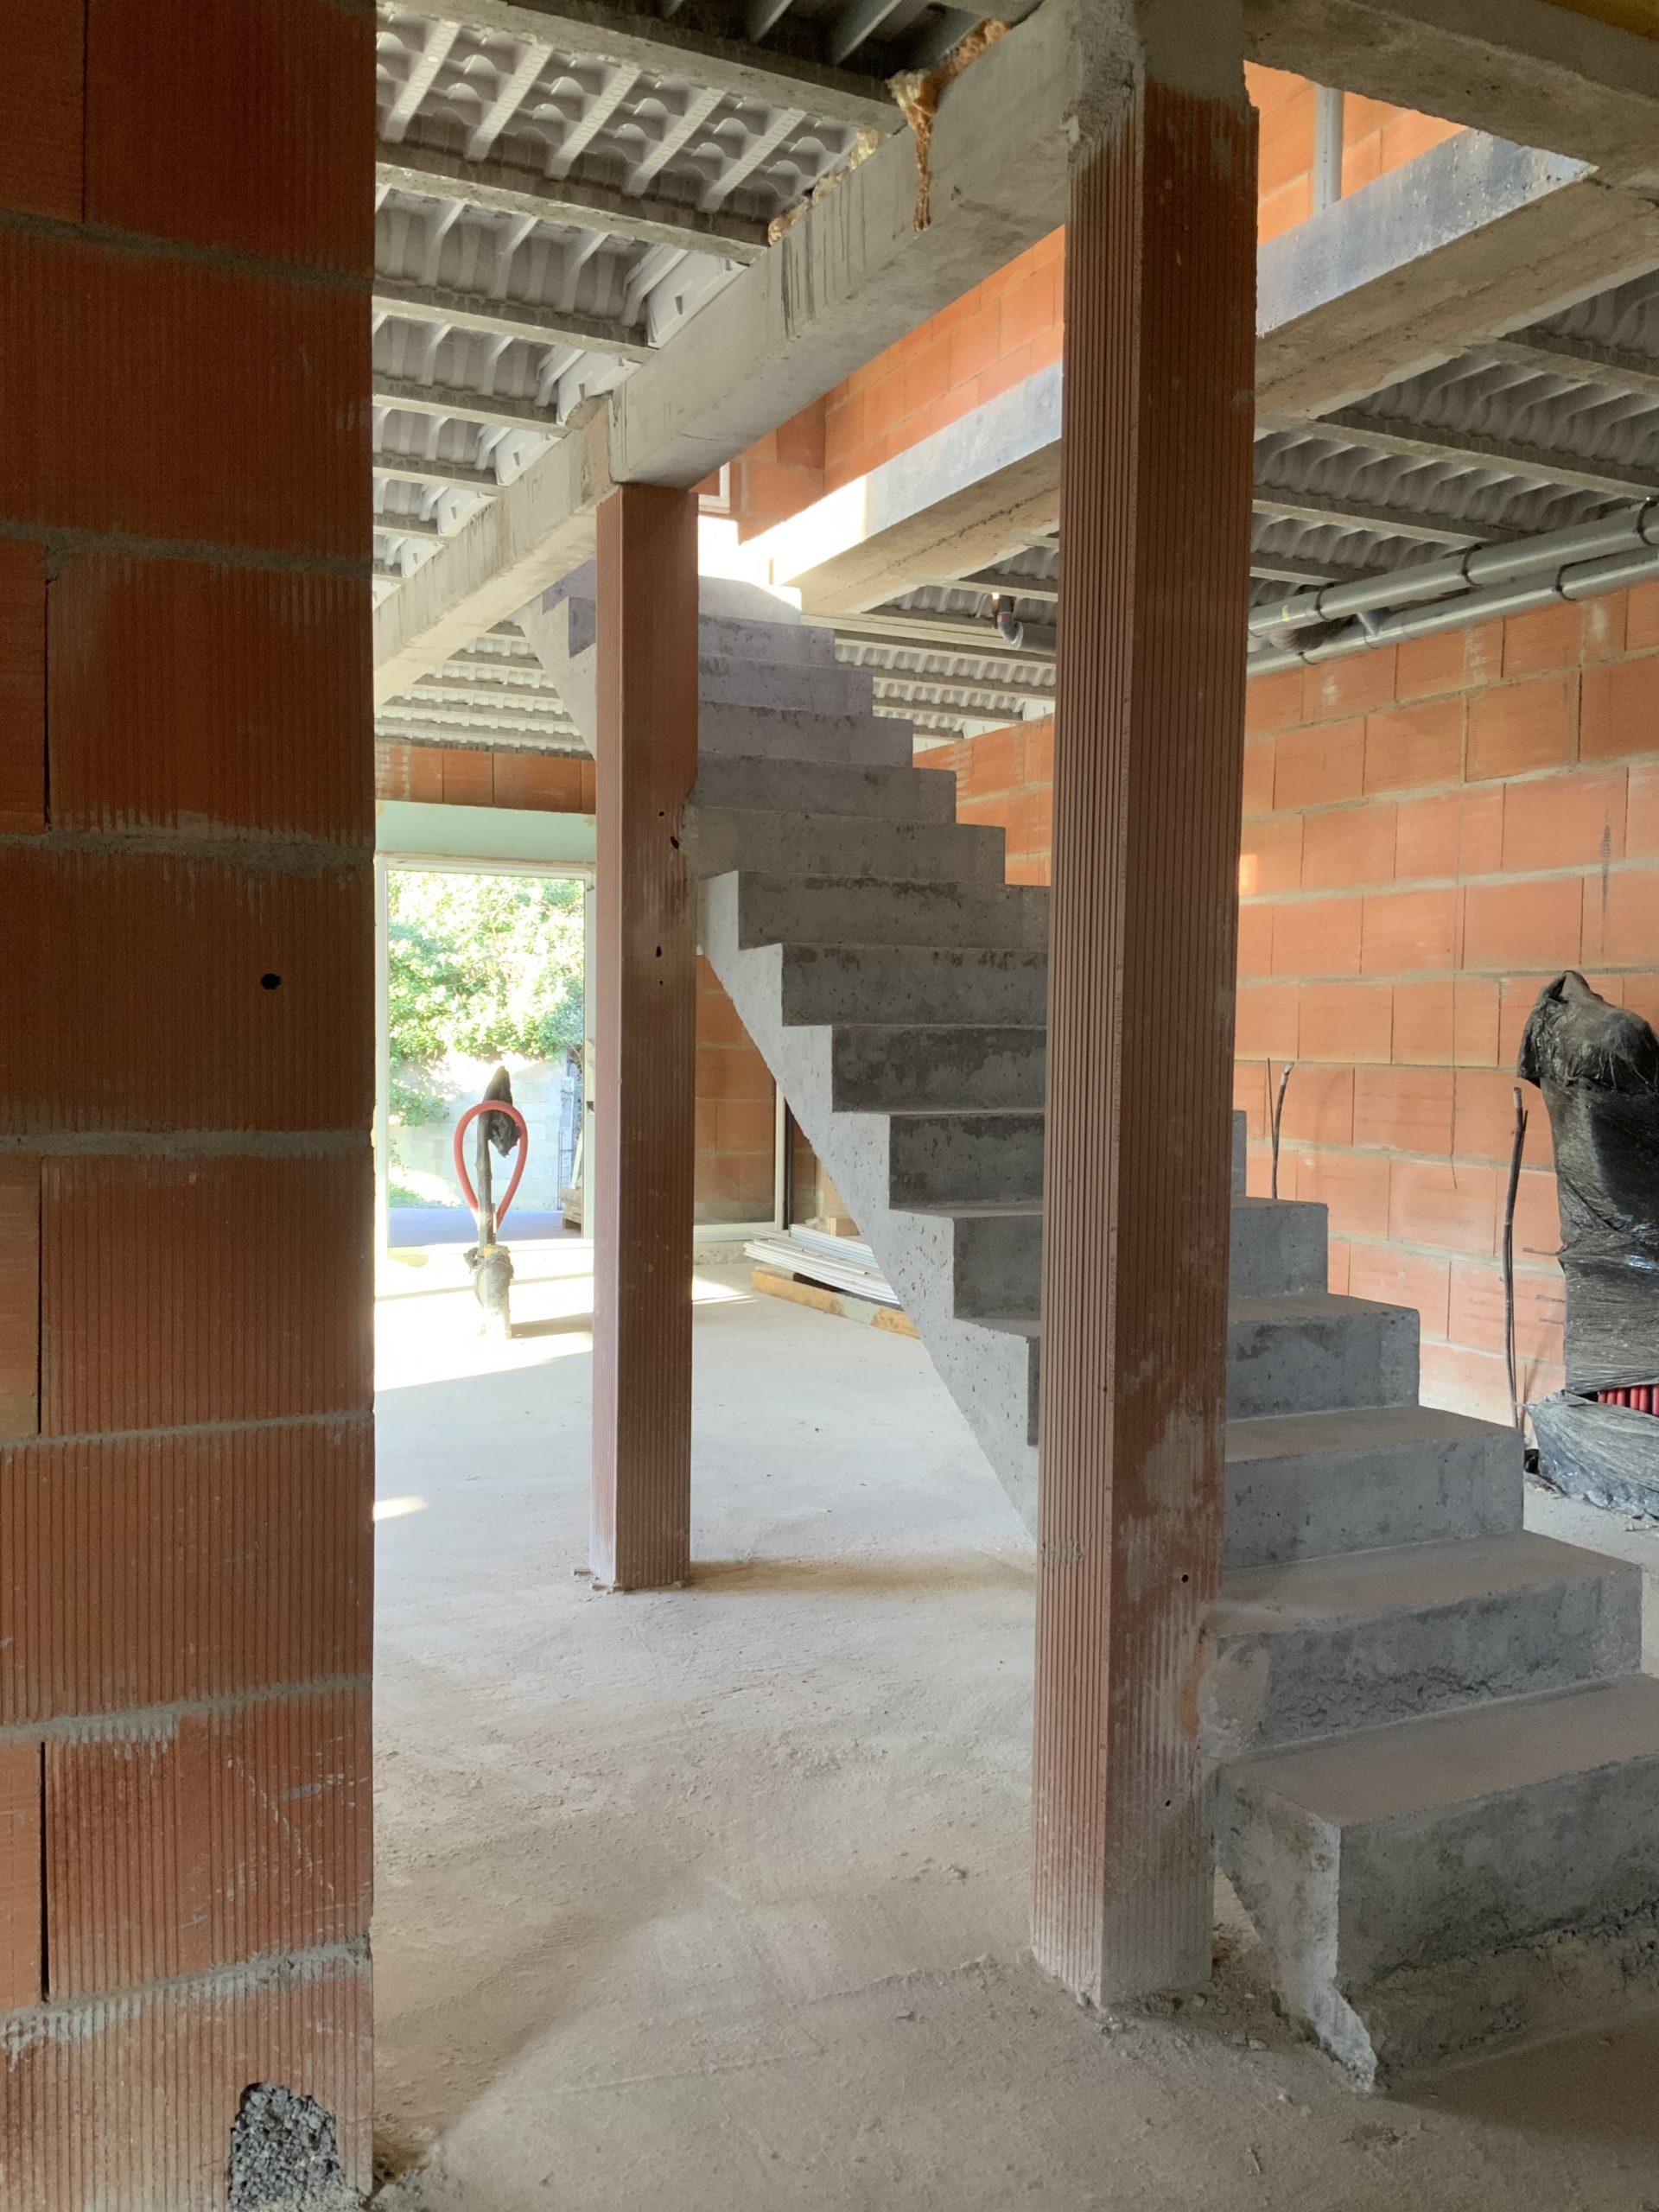 Escalier droit entre deux poteaux dans une villa en briques en cours de construction